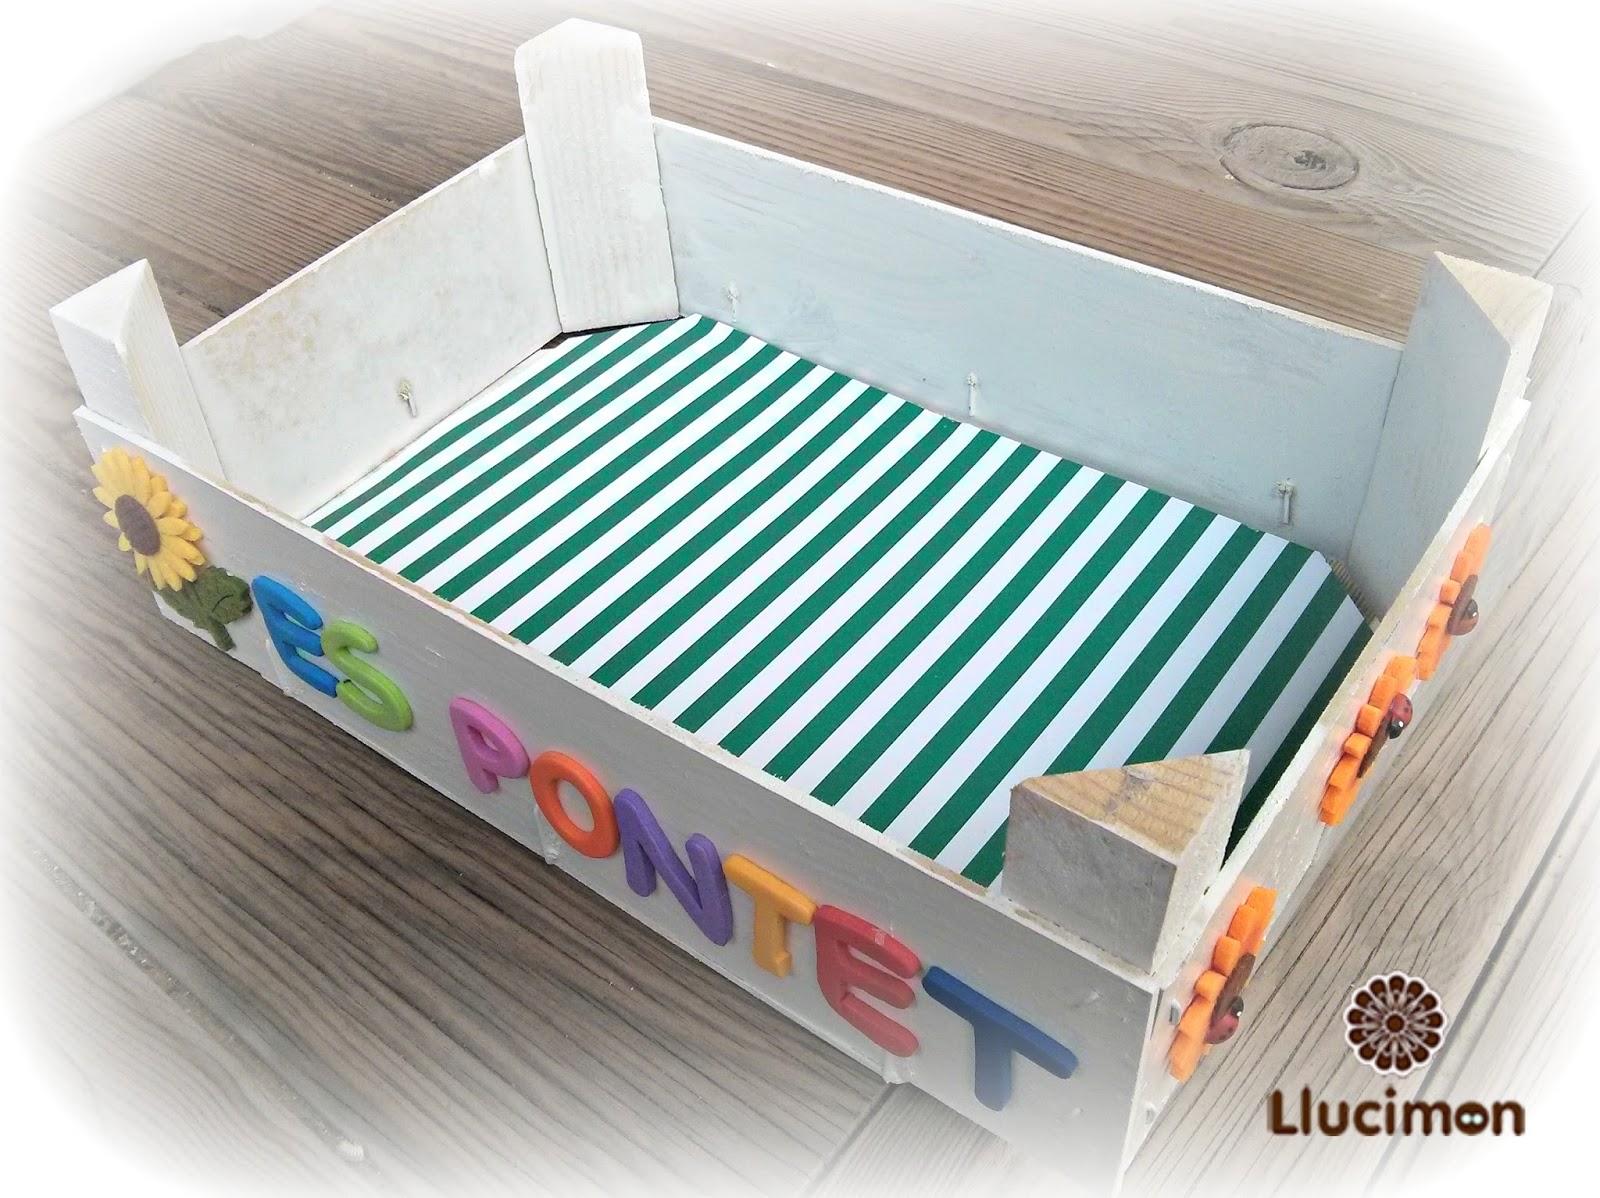 la idea era regalar unas plantas aromticas para las profesoras del peque y as l mismo pudo colaborar tambin en prepararlo cogimos la caja de fresas y